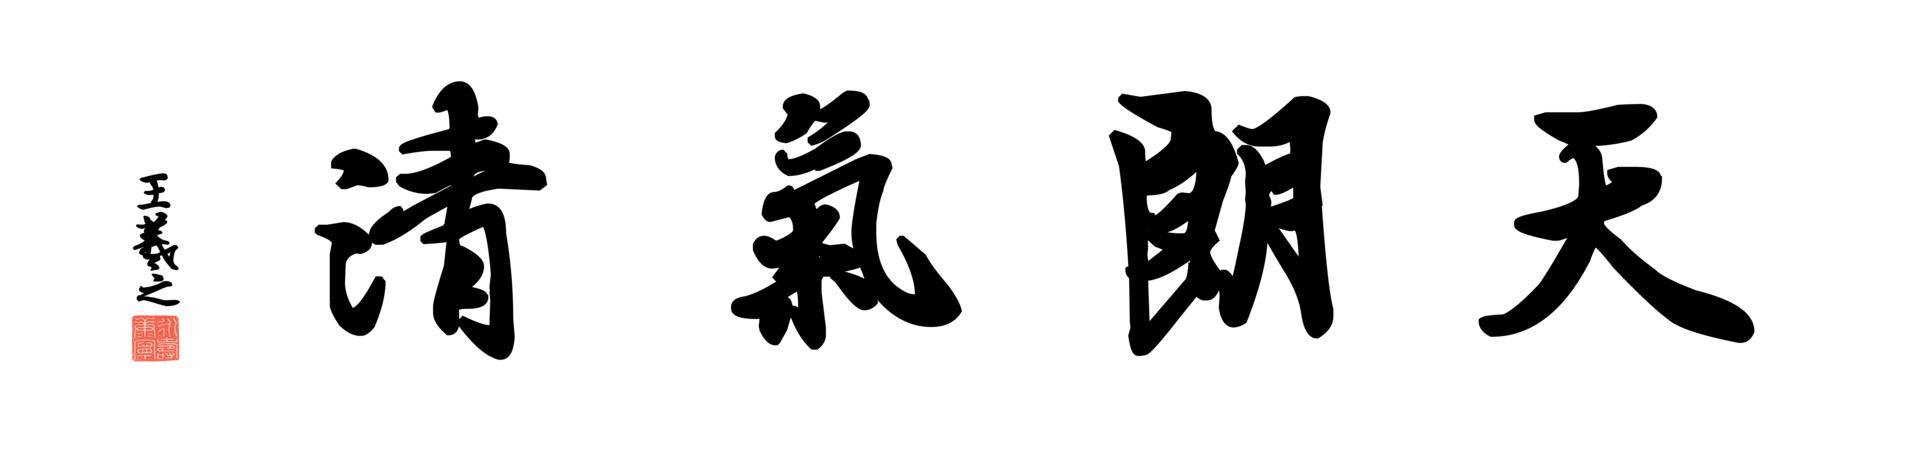 0181_王羲之兰亭体数字书法-四字横幅天朗气清136x33cm_21417x5197PX_TIF_400DPI_326_0